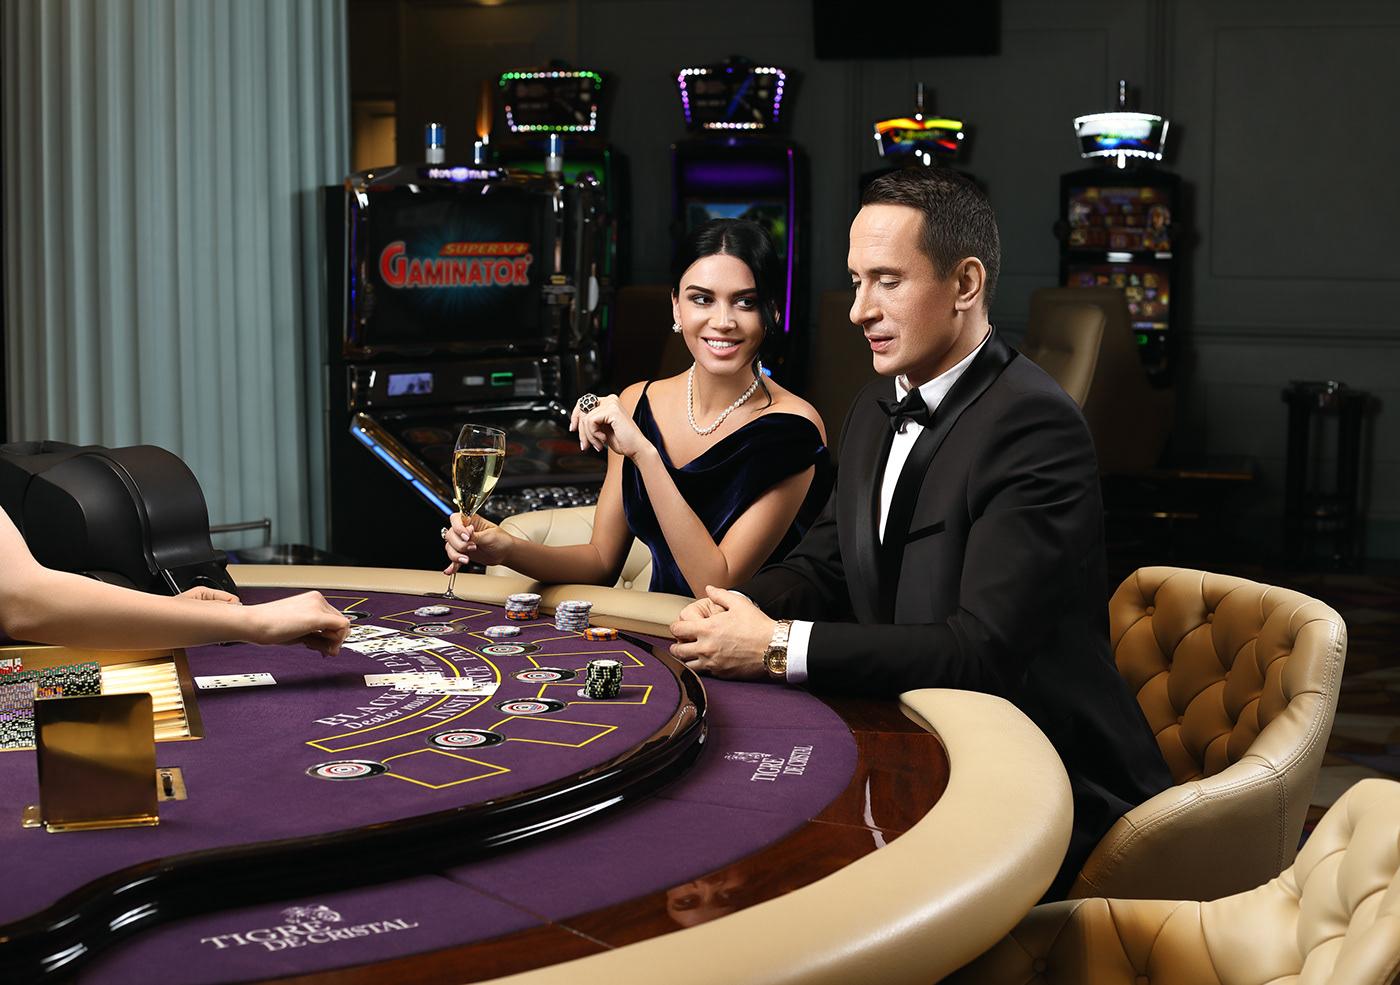 реклама казино 777 девушка